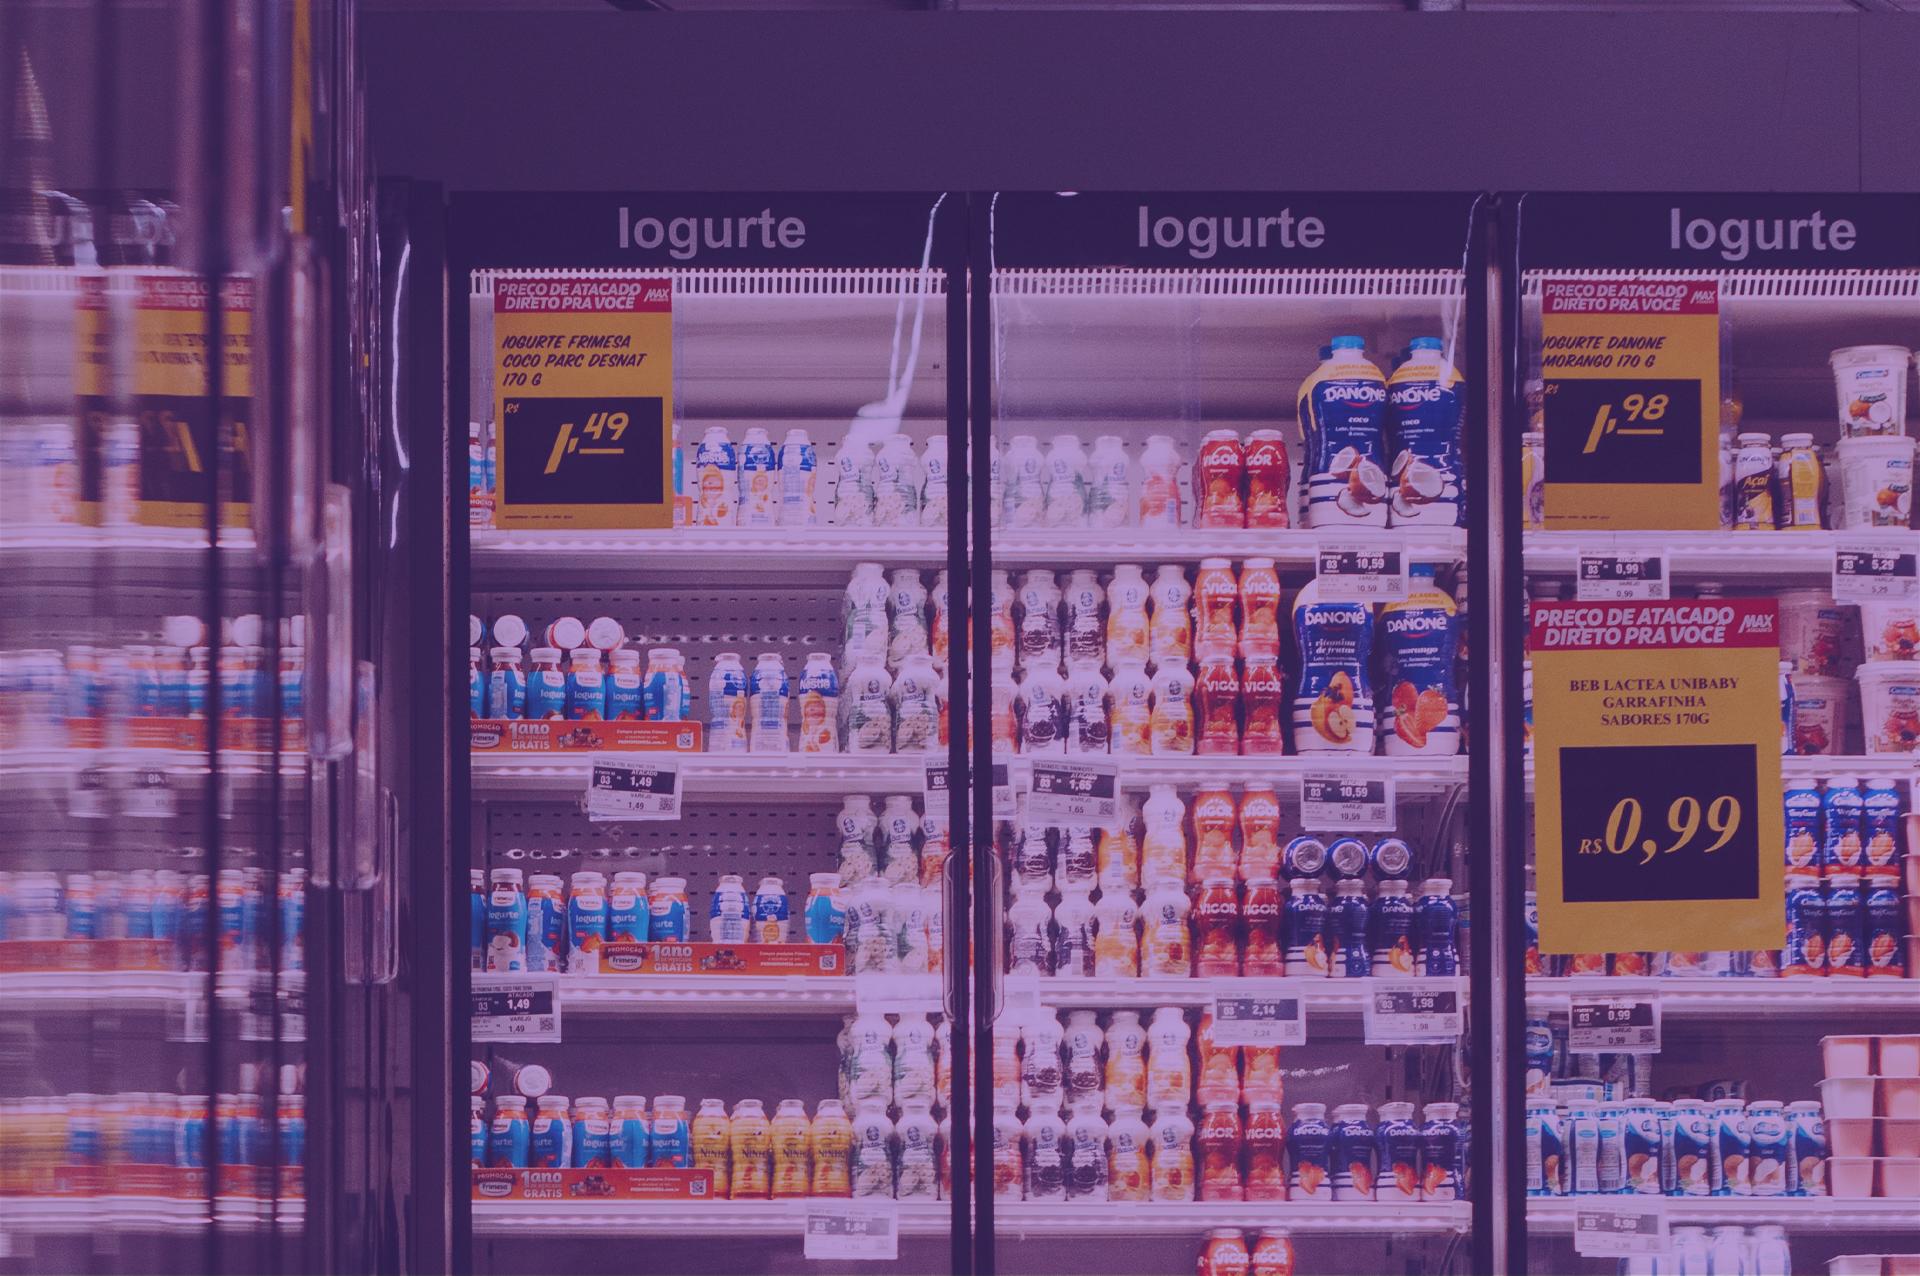 5 dicas valiosas para otimizar a precificação no supermercado